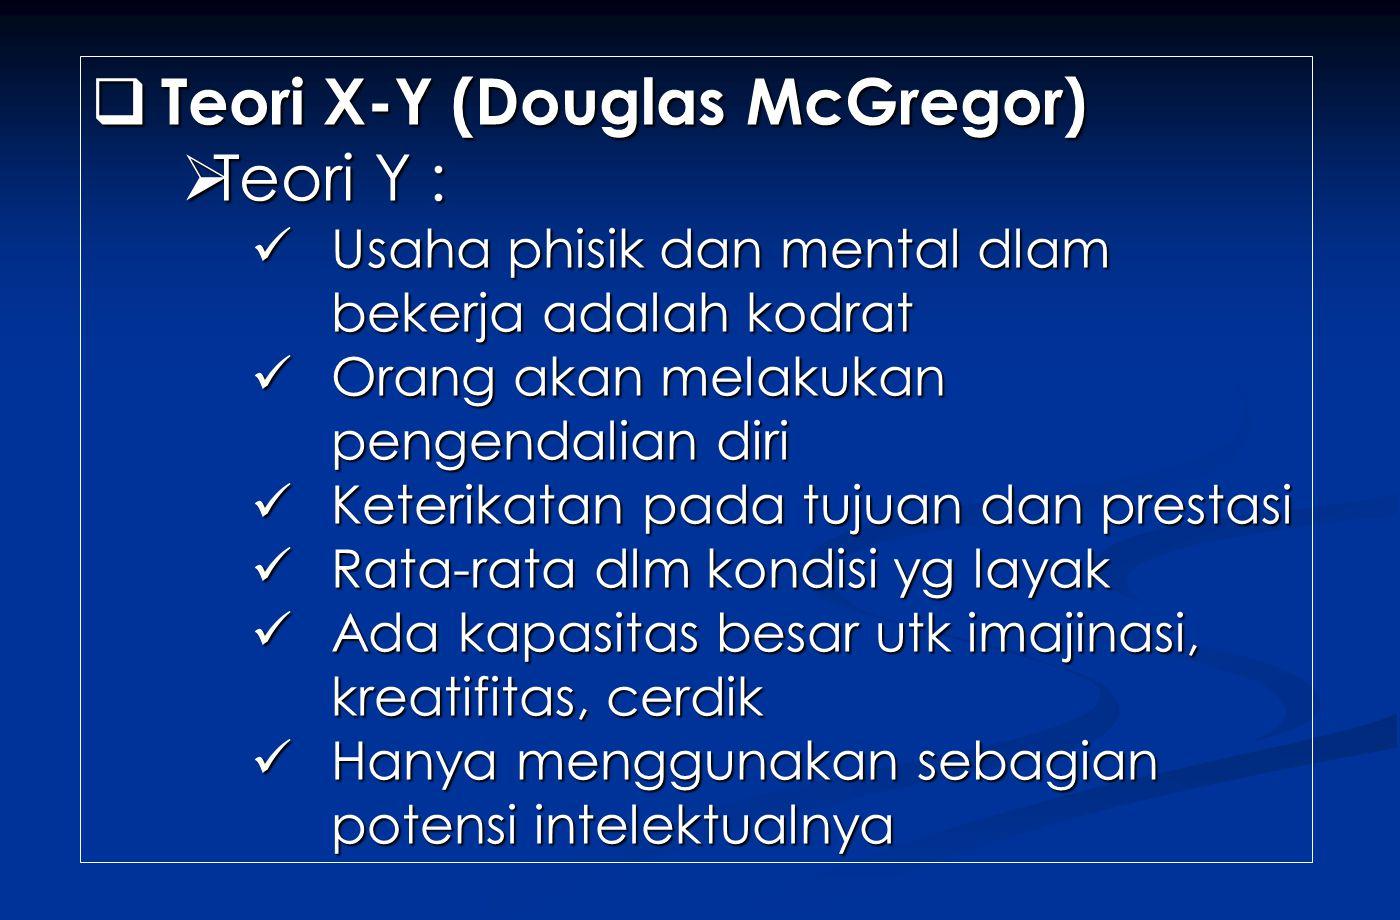  Teori X-Y (Douglas McGregor)  Teori Y : Usaha phisik dan mental dlam bekerja adalah kodrat Usaha phisik dan mental dlam bekerja adalah kodrat Orang